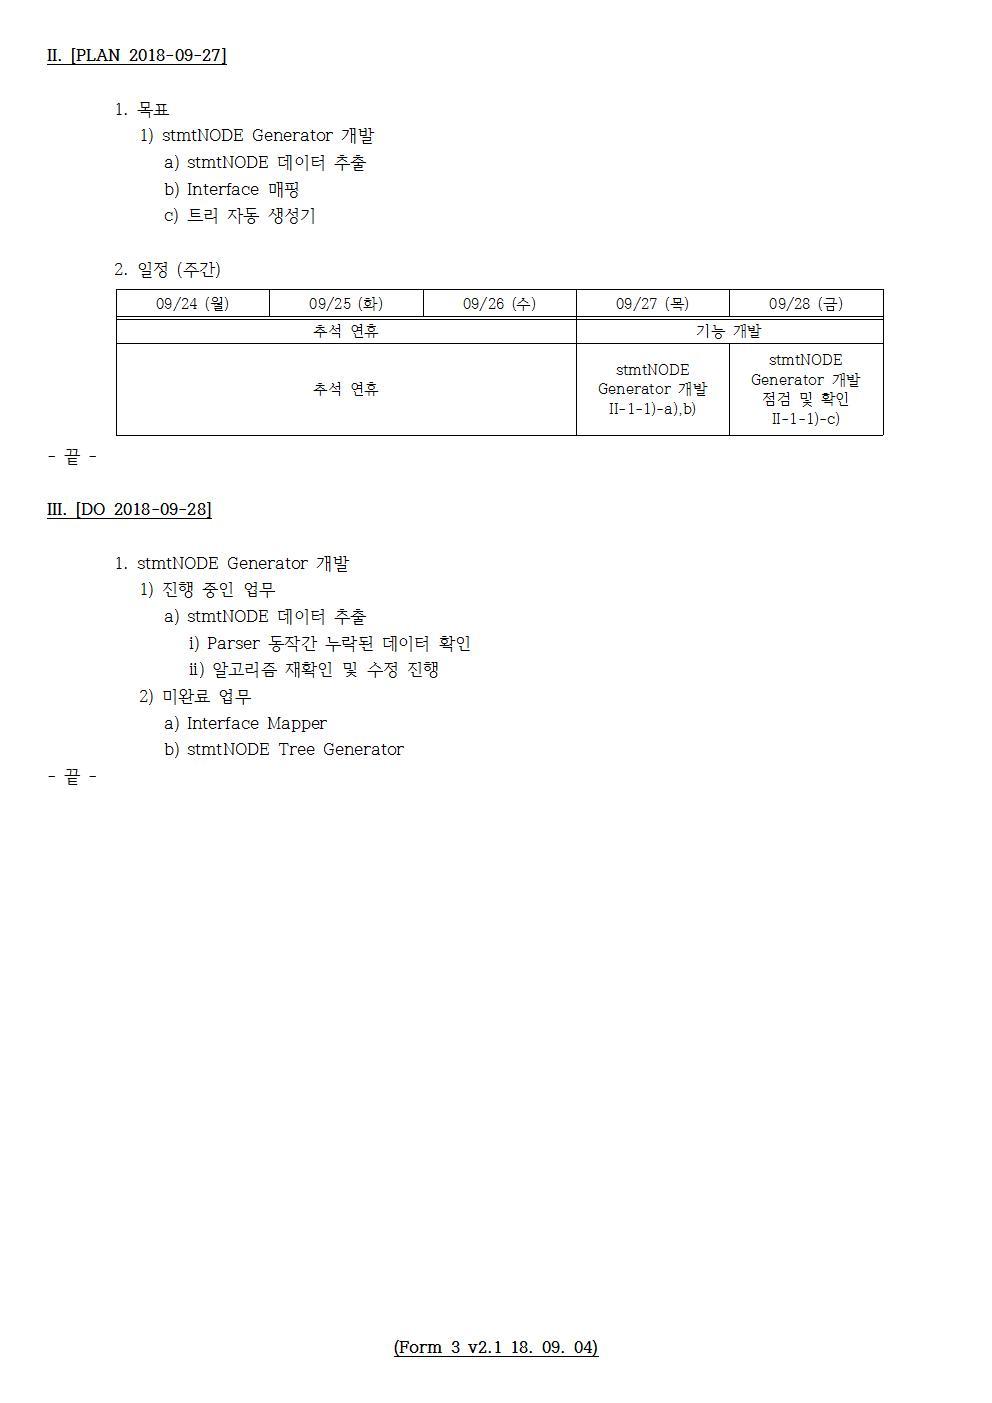 D-[18-003-RD-03]-[SRRE]-[2018-09-28][JS]002.jpg